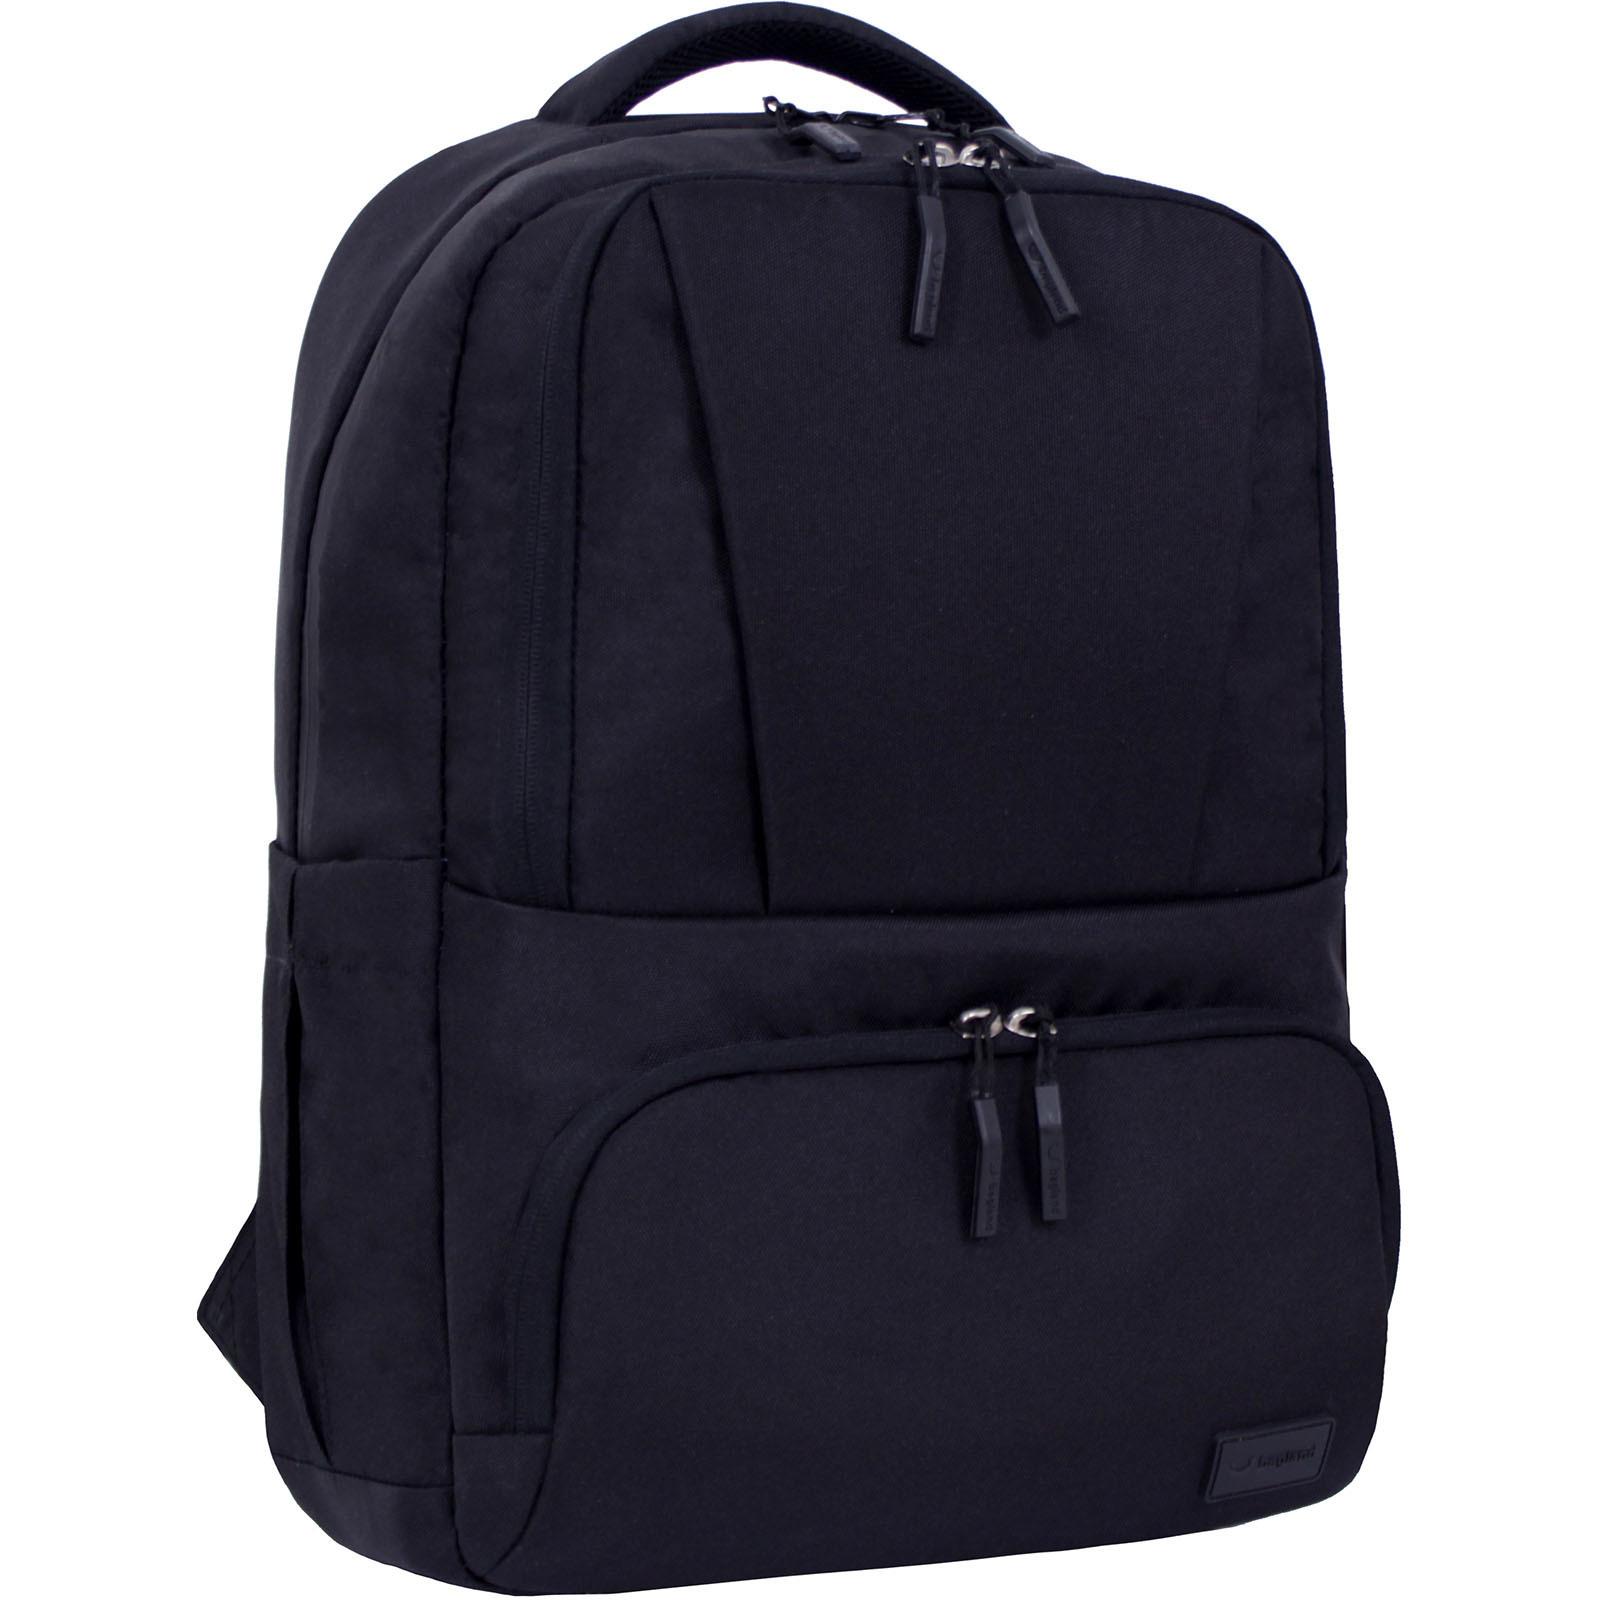 Городские рюкзаки Рюкзак для ноутбука Bagland STARK черный (0014366) IMG_2100.JPG